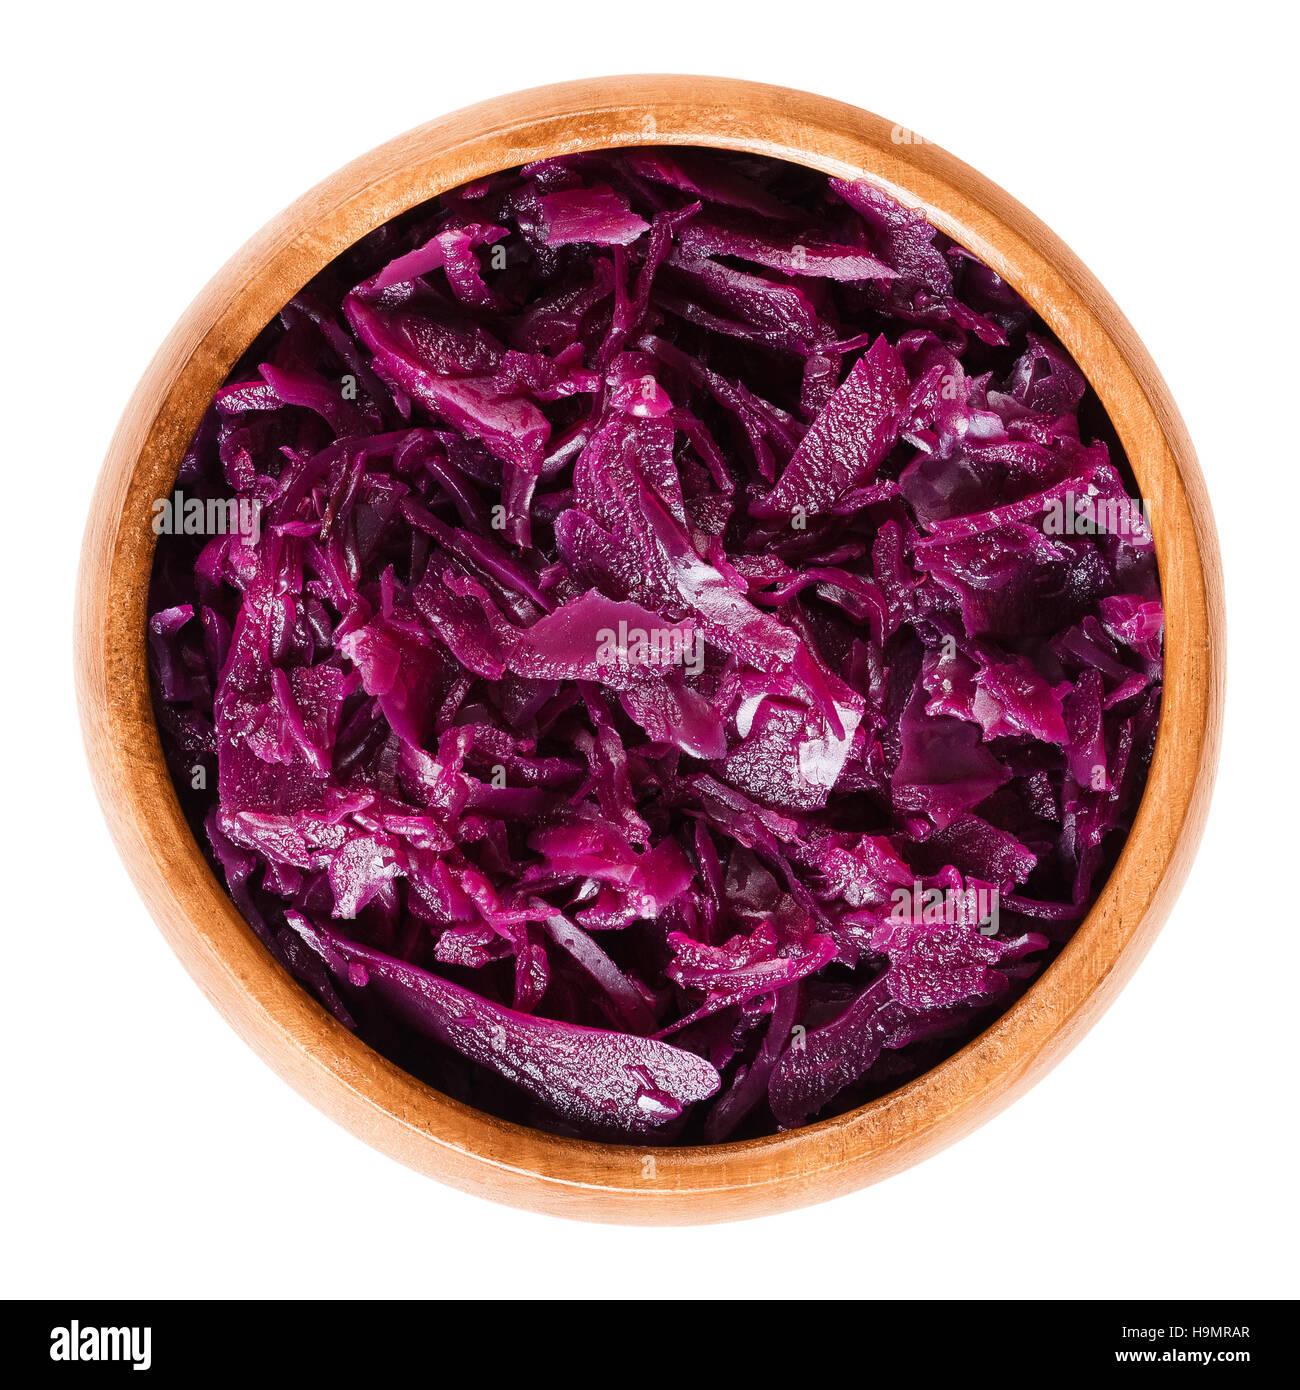 Cuocere cavolo rosso nella ciotola di legno. Brassica oleracea, anche cavolo viola, rosso o blu kraut. Immagini Stock